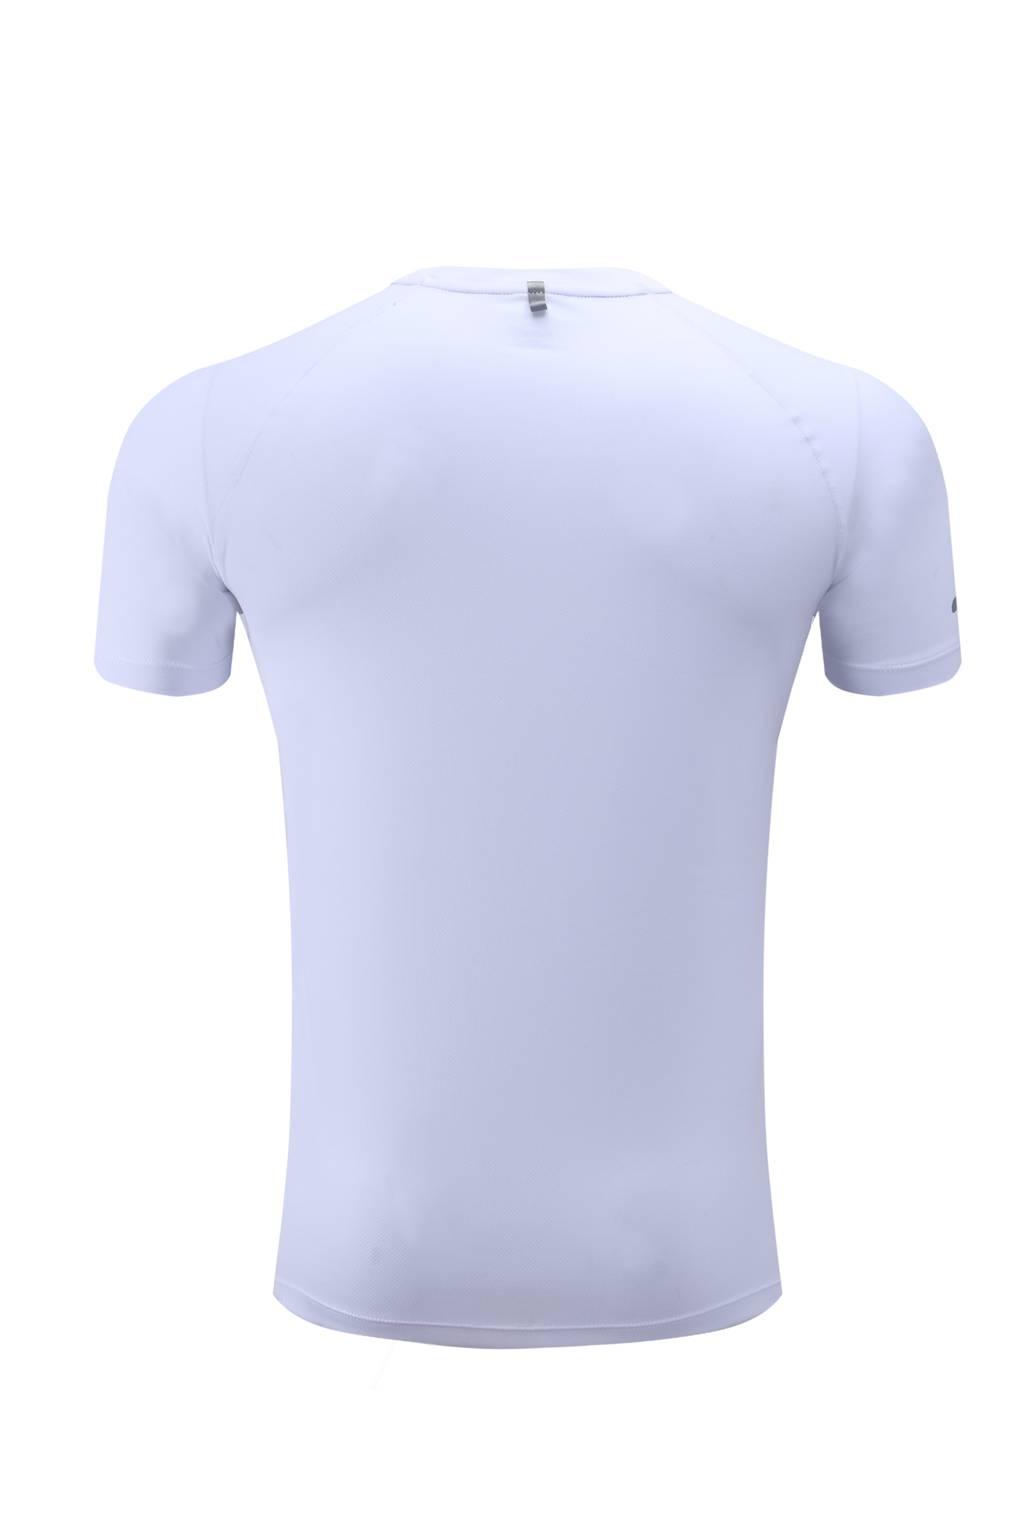 订做T恤衫  速干短袖T恤 春夏新品运动户外休闲 白色3D图示